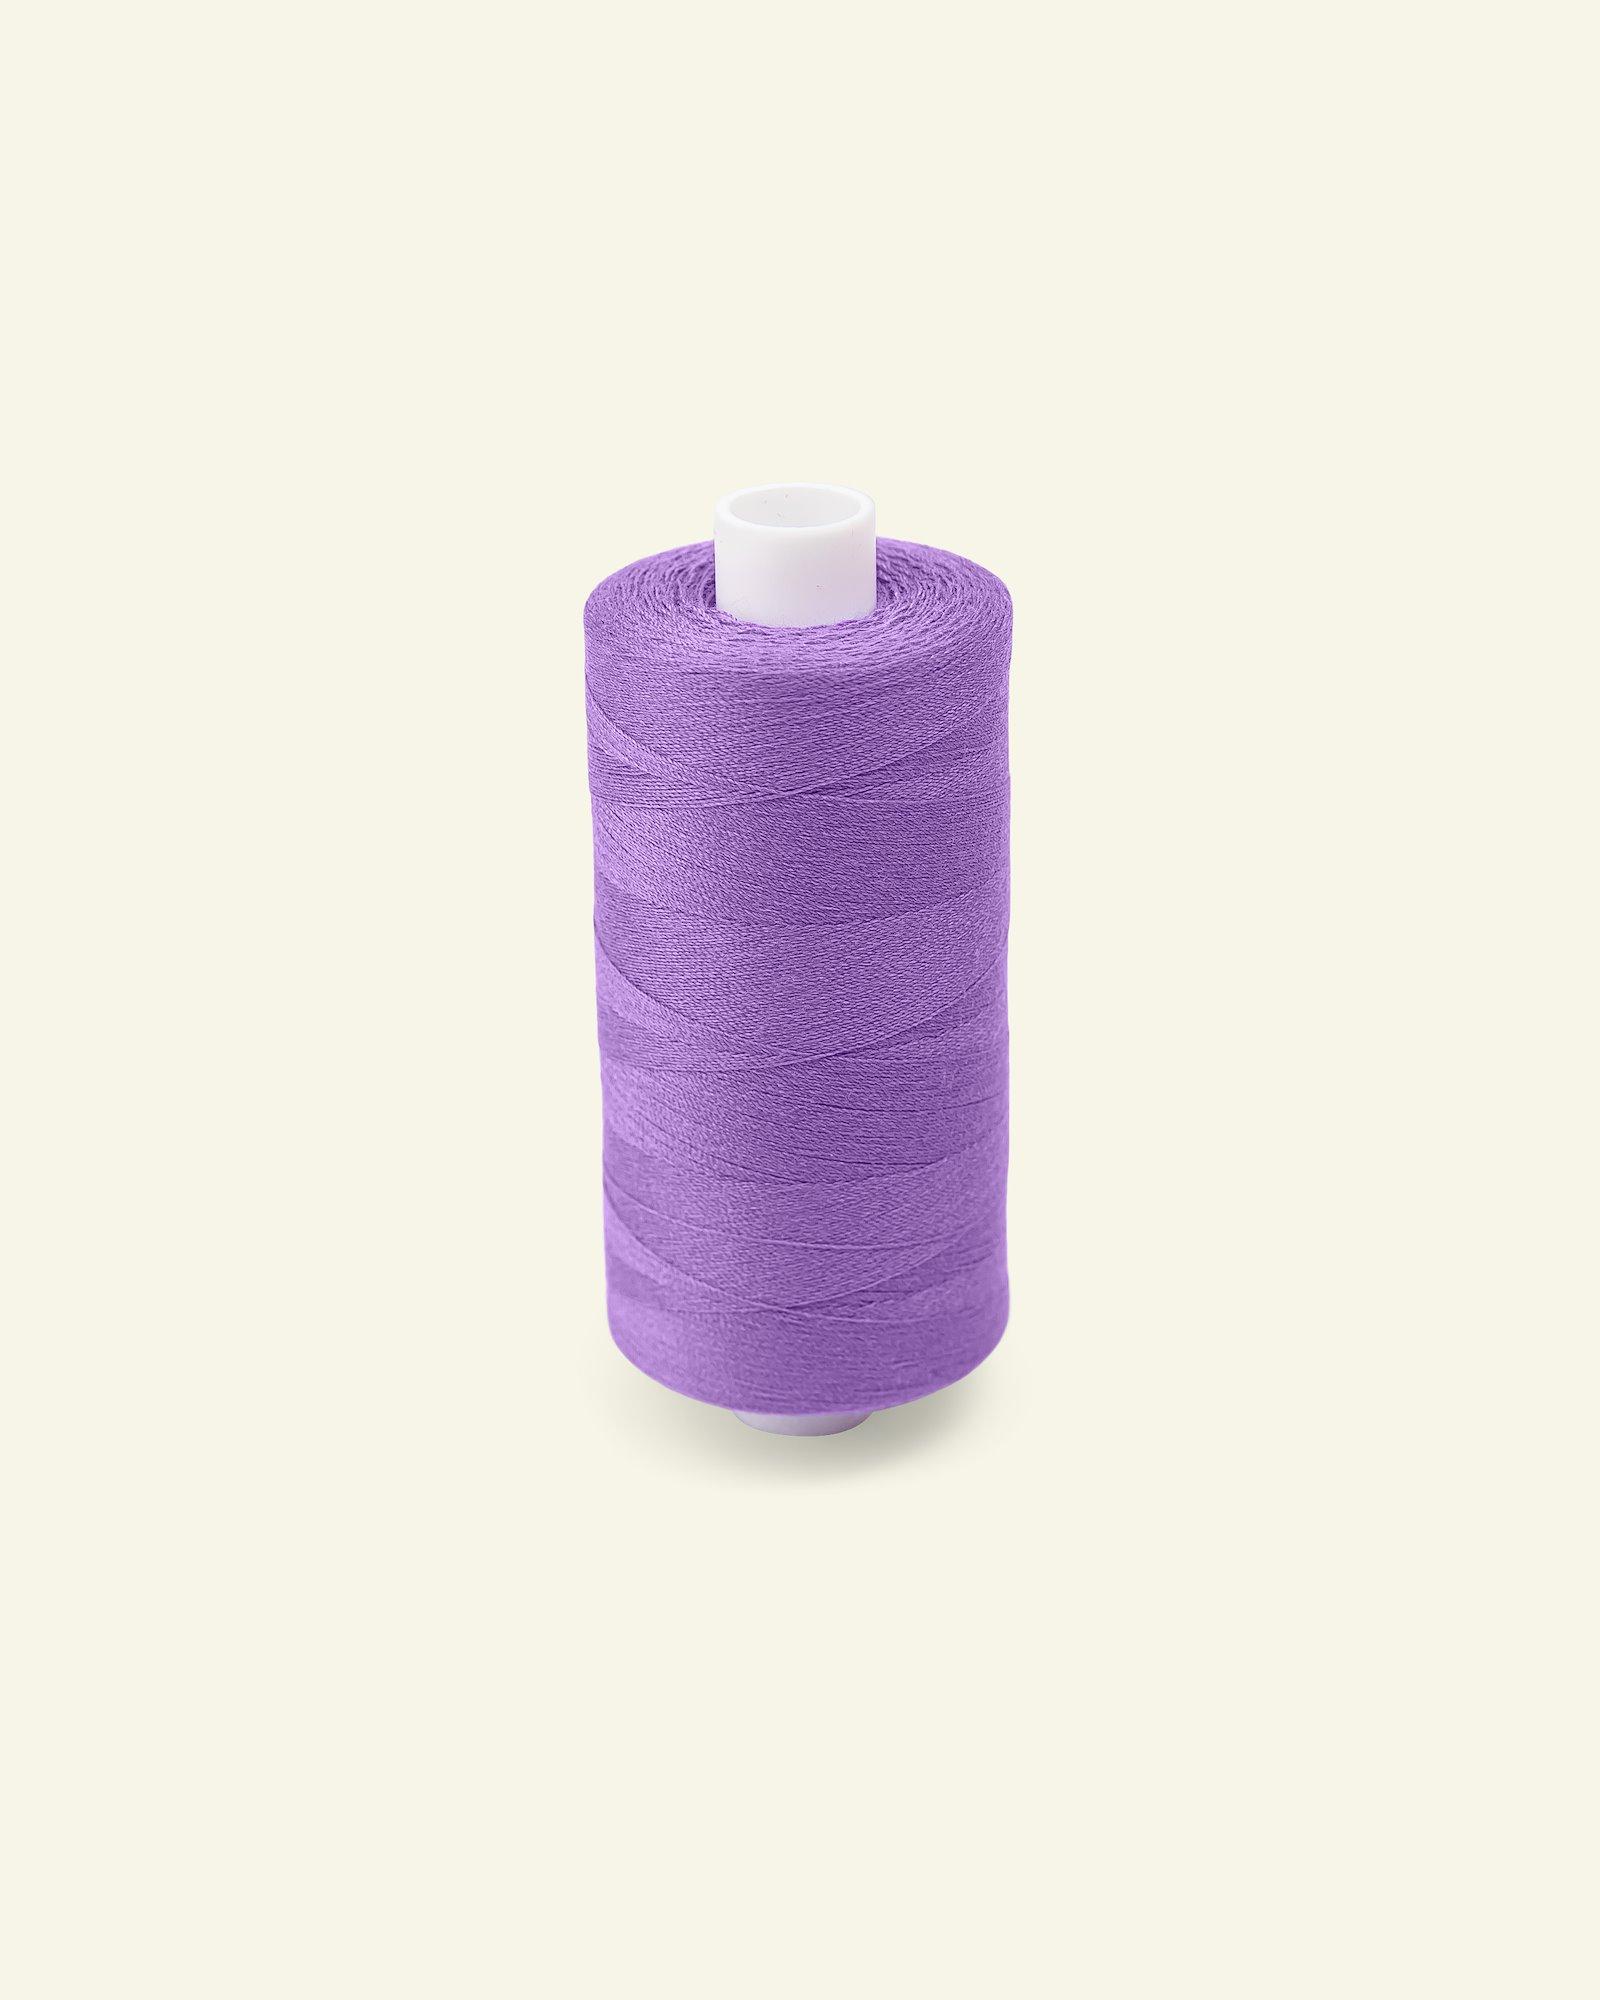 Sewing thread dark lavender 1000m